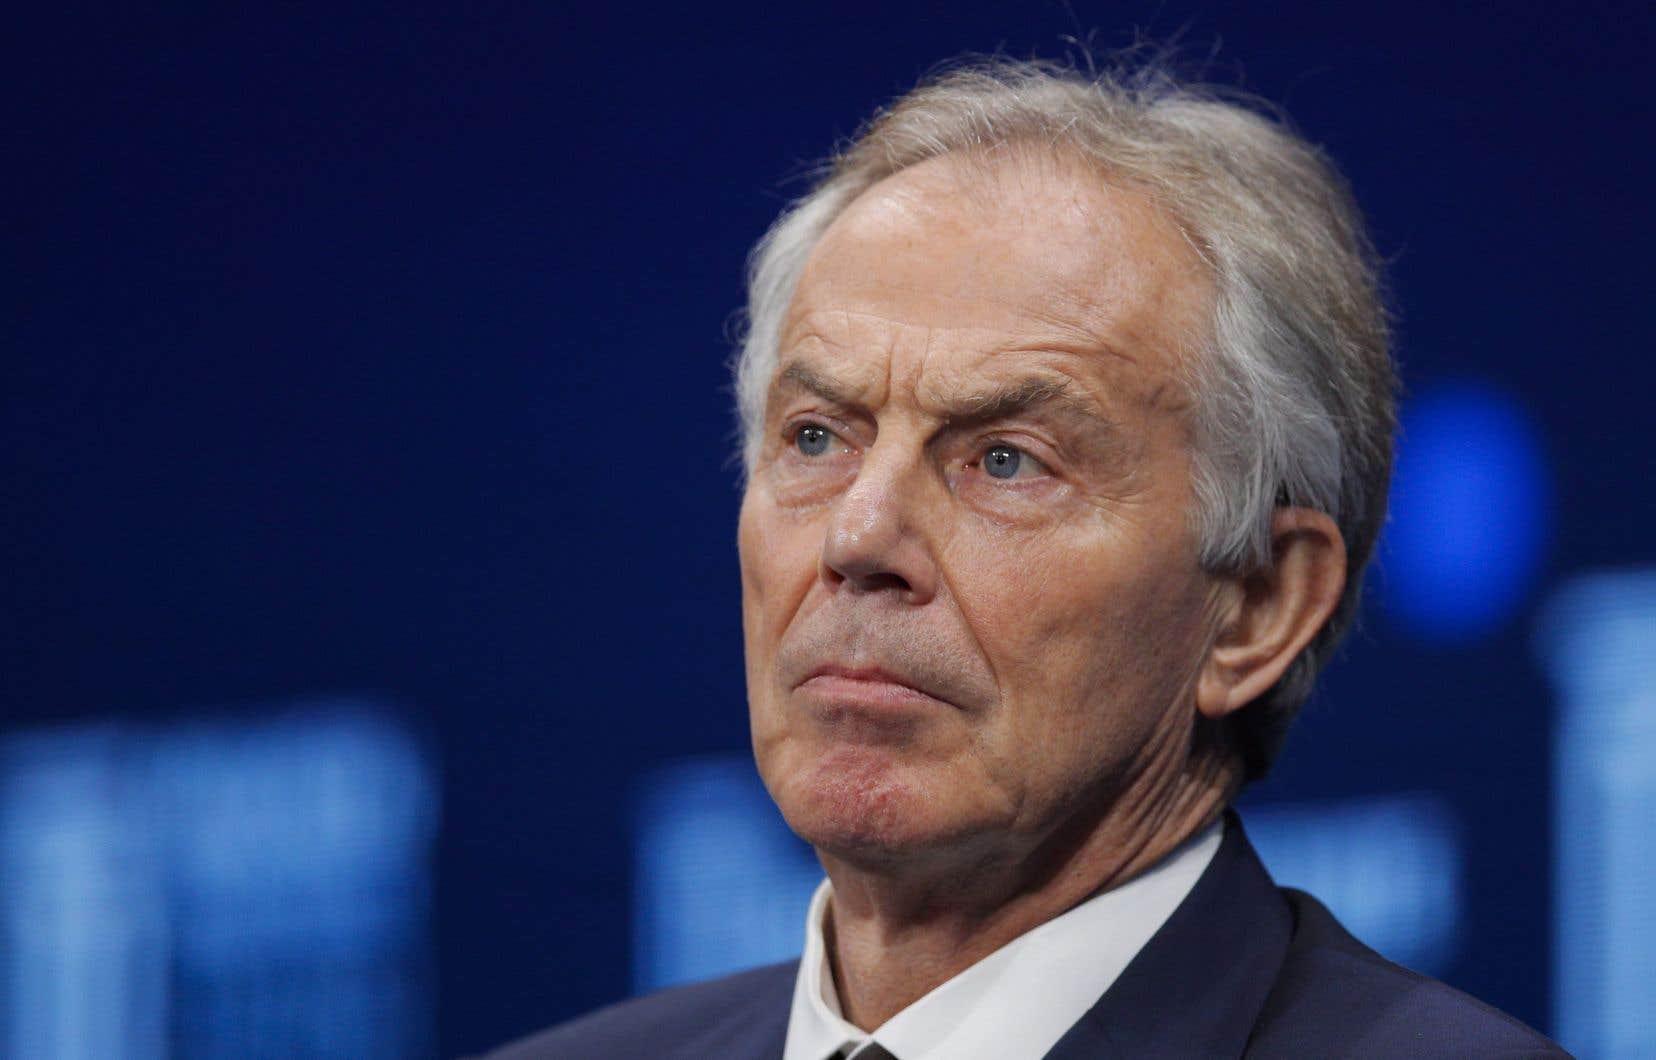 Tony Blair, opposé au Brexit, considère que «ni le peuple, ni le Parlement ne s'unira derrière l'accord de la première ministre».